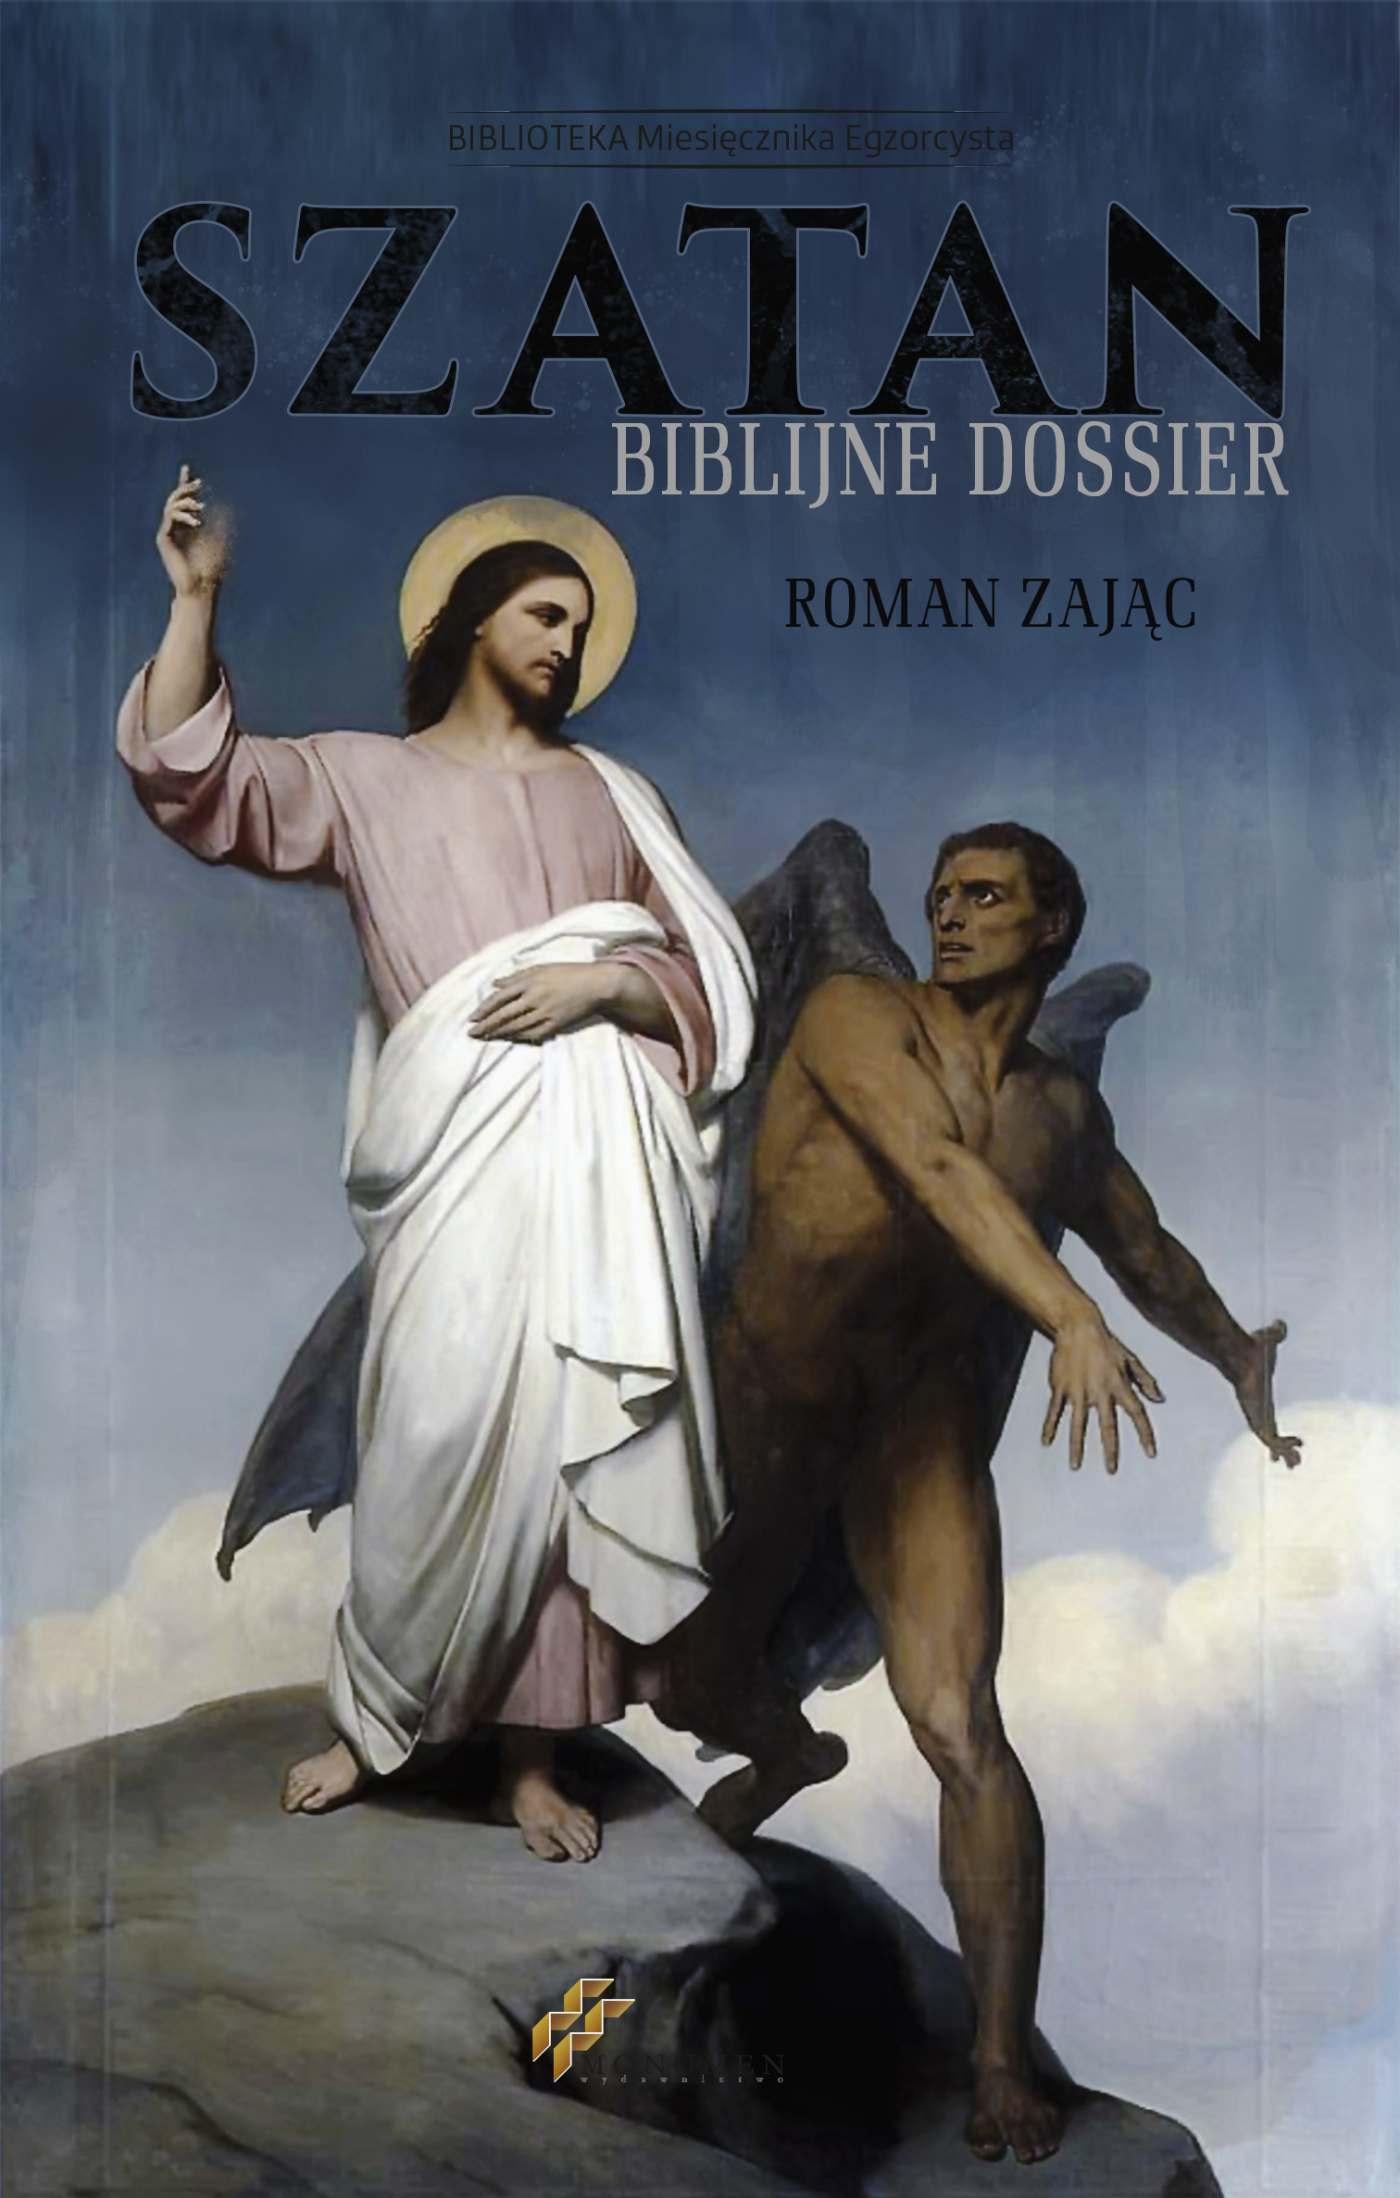 Szatan Biblijne Dossier - Ebook (Książka PDF) do pobrania w formacie PDF